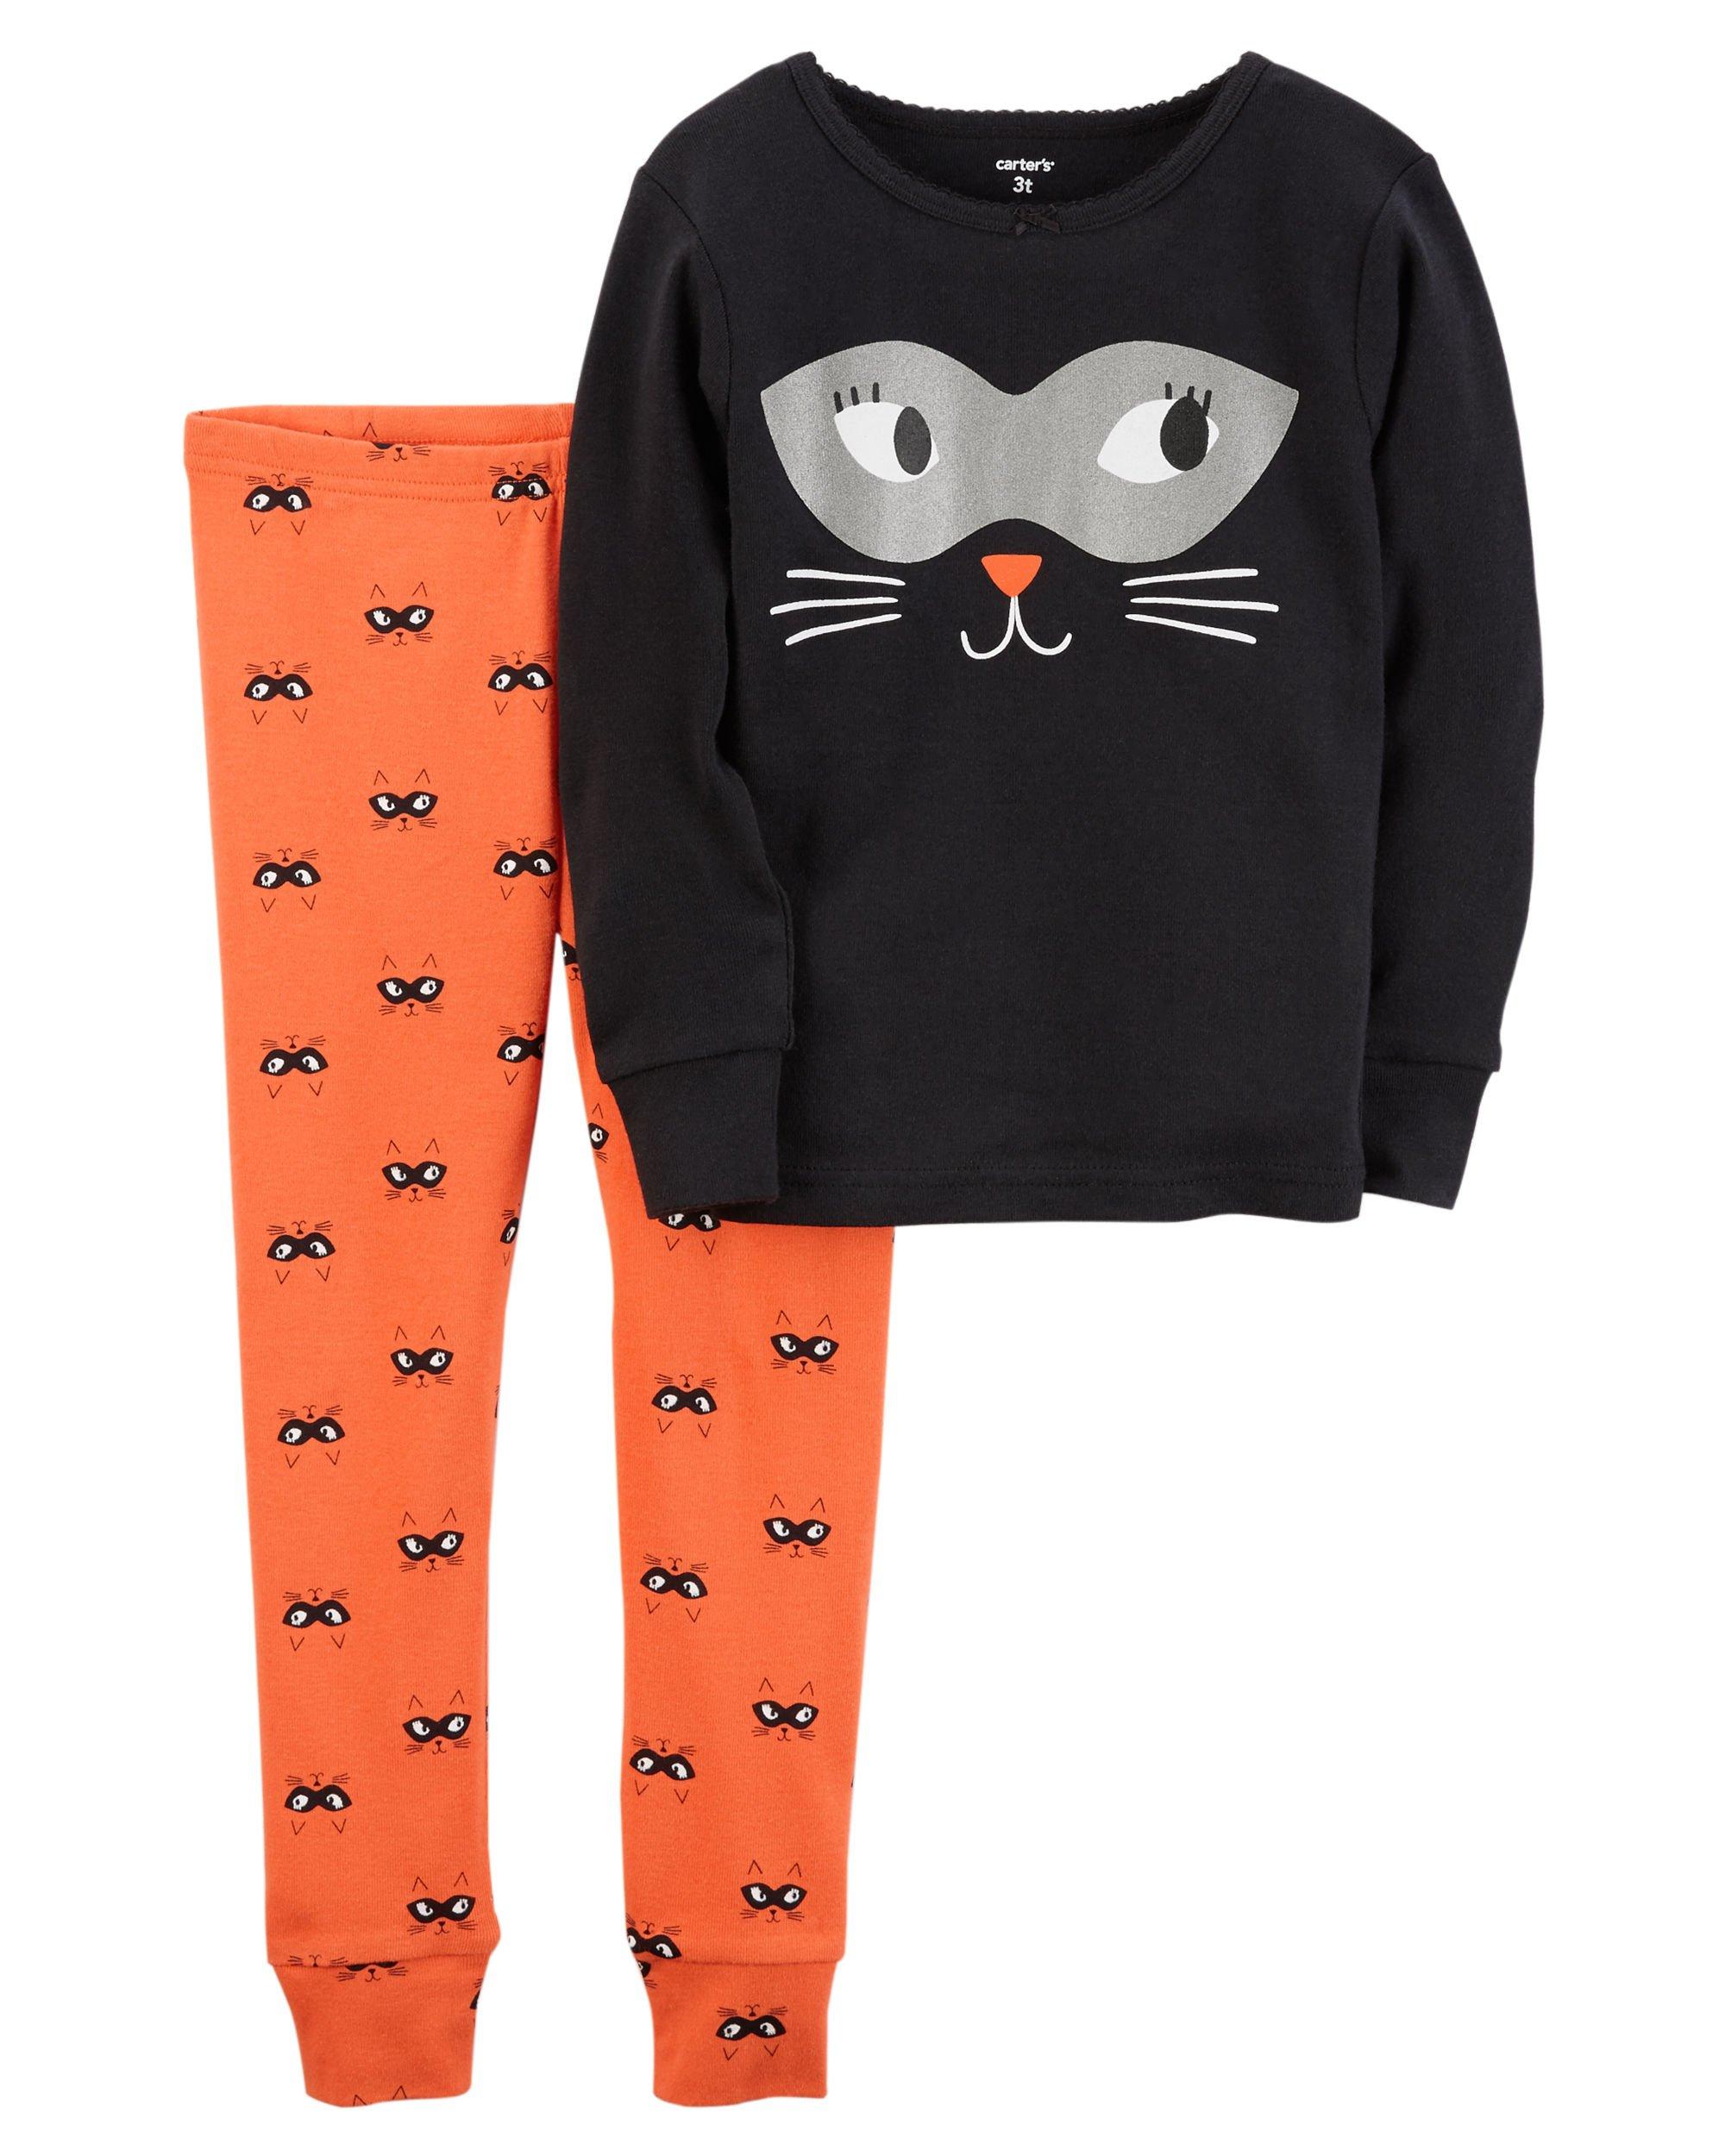 Carter's Girls' 2T-8 2 Piece Snug Fit Cotton Halloween PJS 5